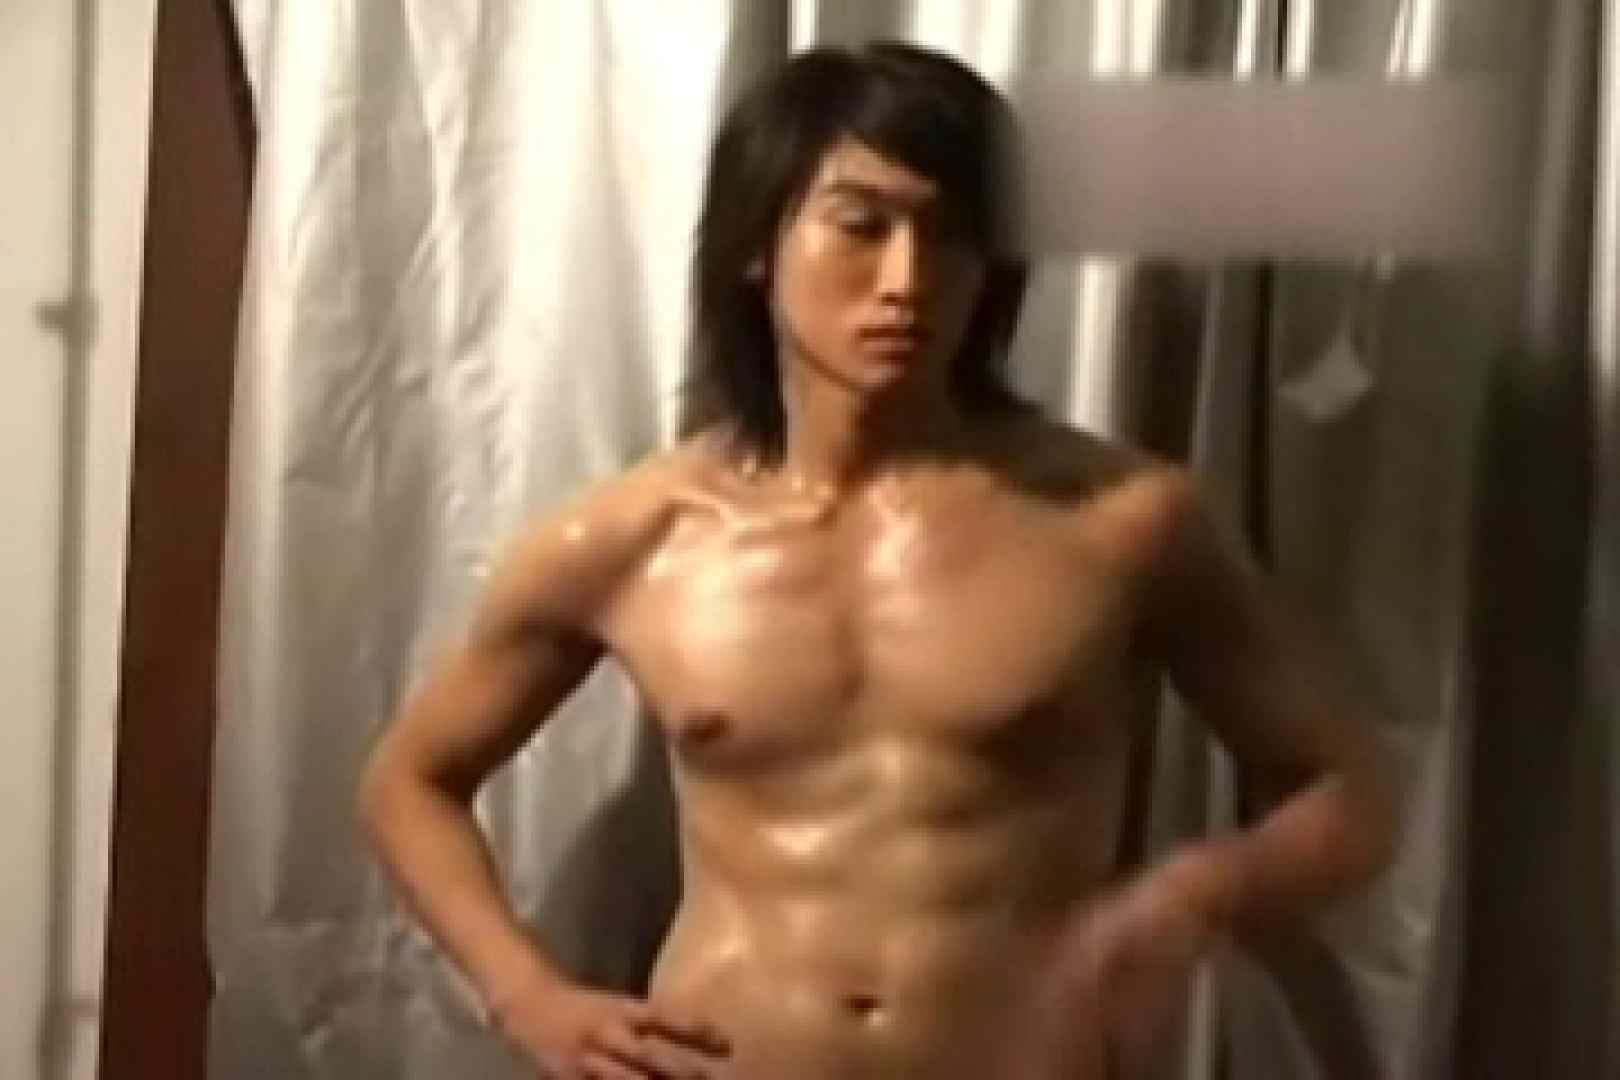 流出!!メンズスーパーモデル達のヌードinChina vol5 流出作品 ゲイエロ動画 78pic 38